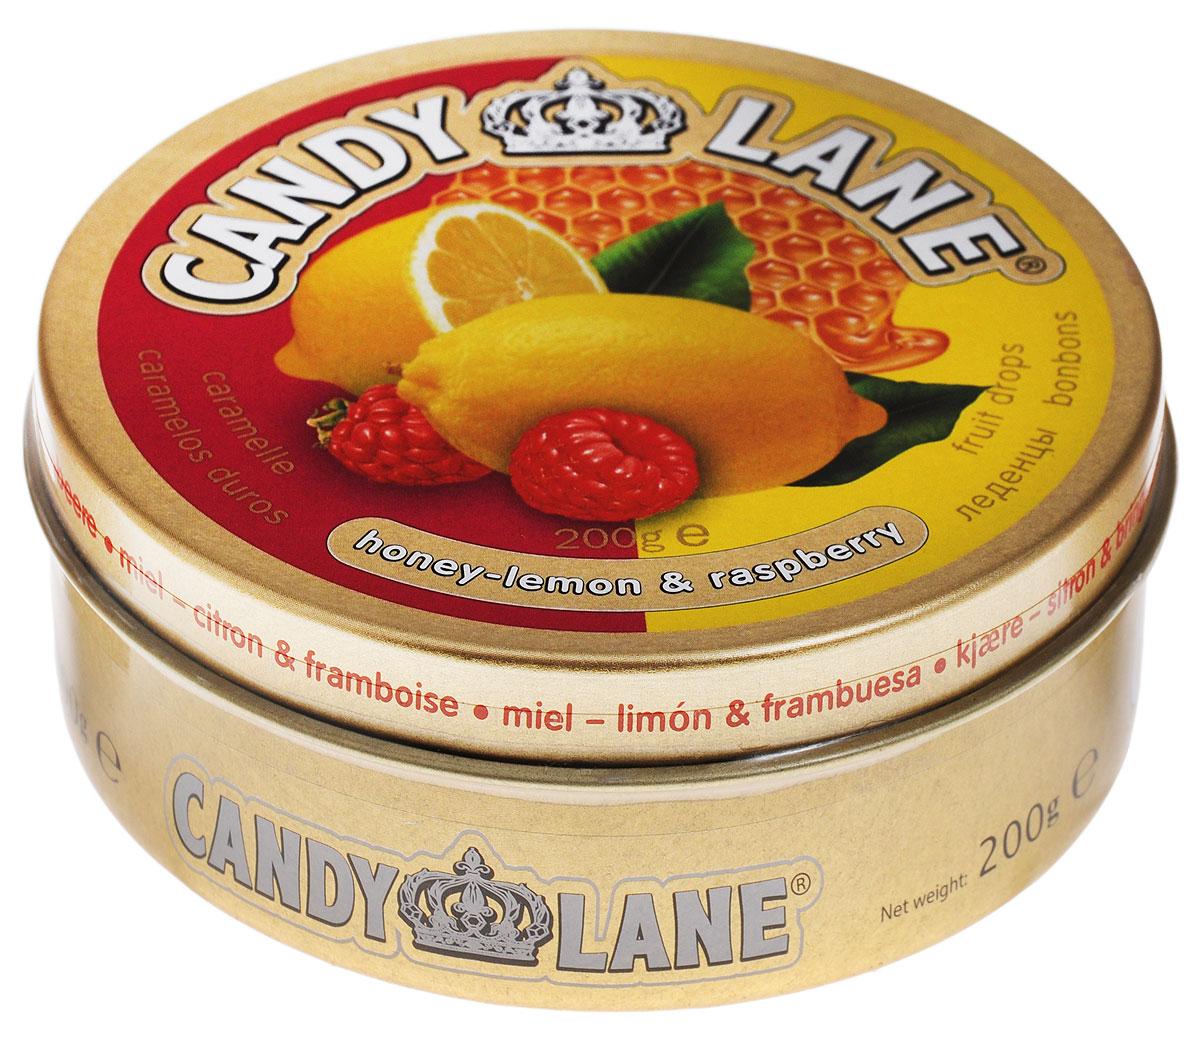 Candy Lane Мед, лимон и малина фруктовые леденцы, 200 г halls мед лимон леденцы 12 пачек по 25 г